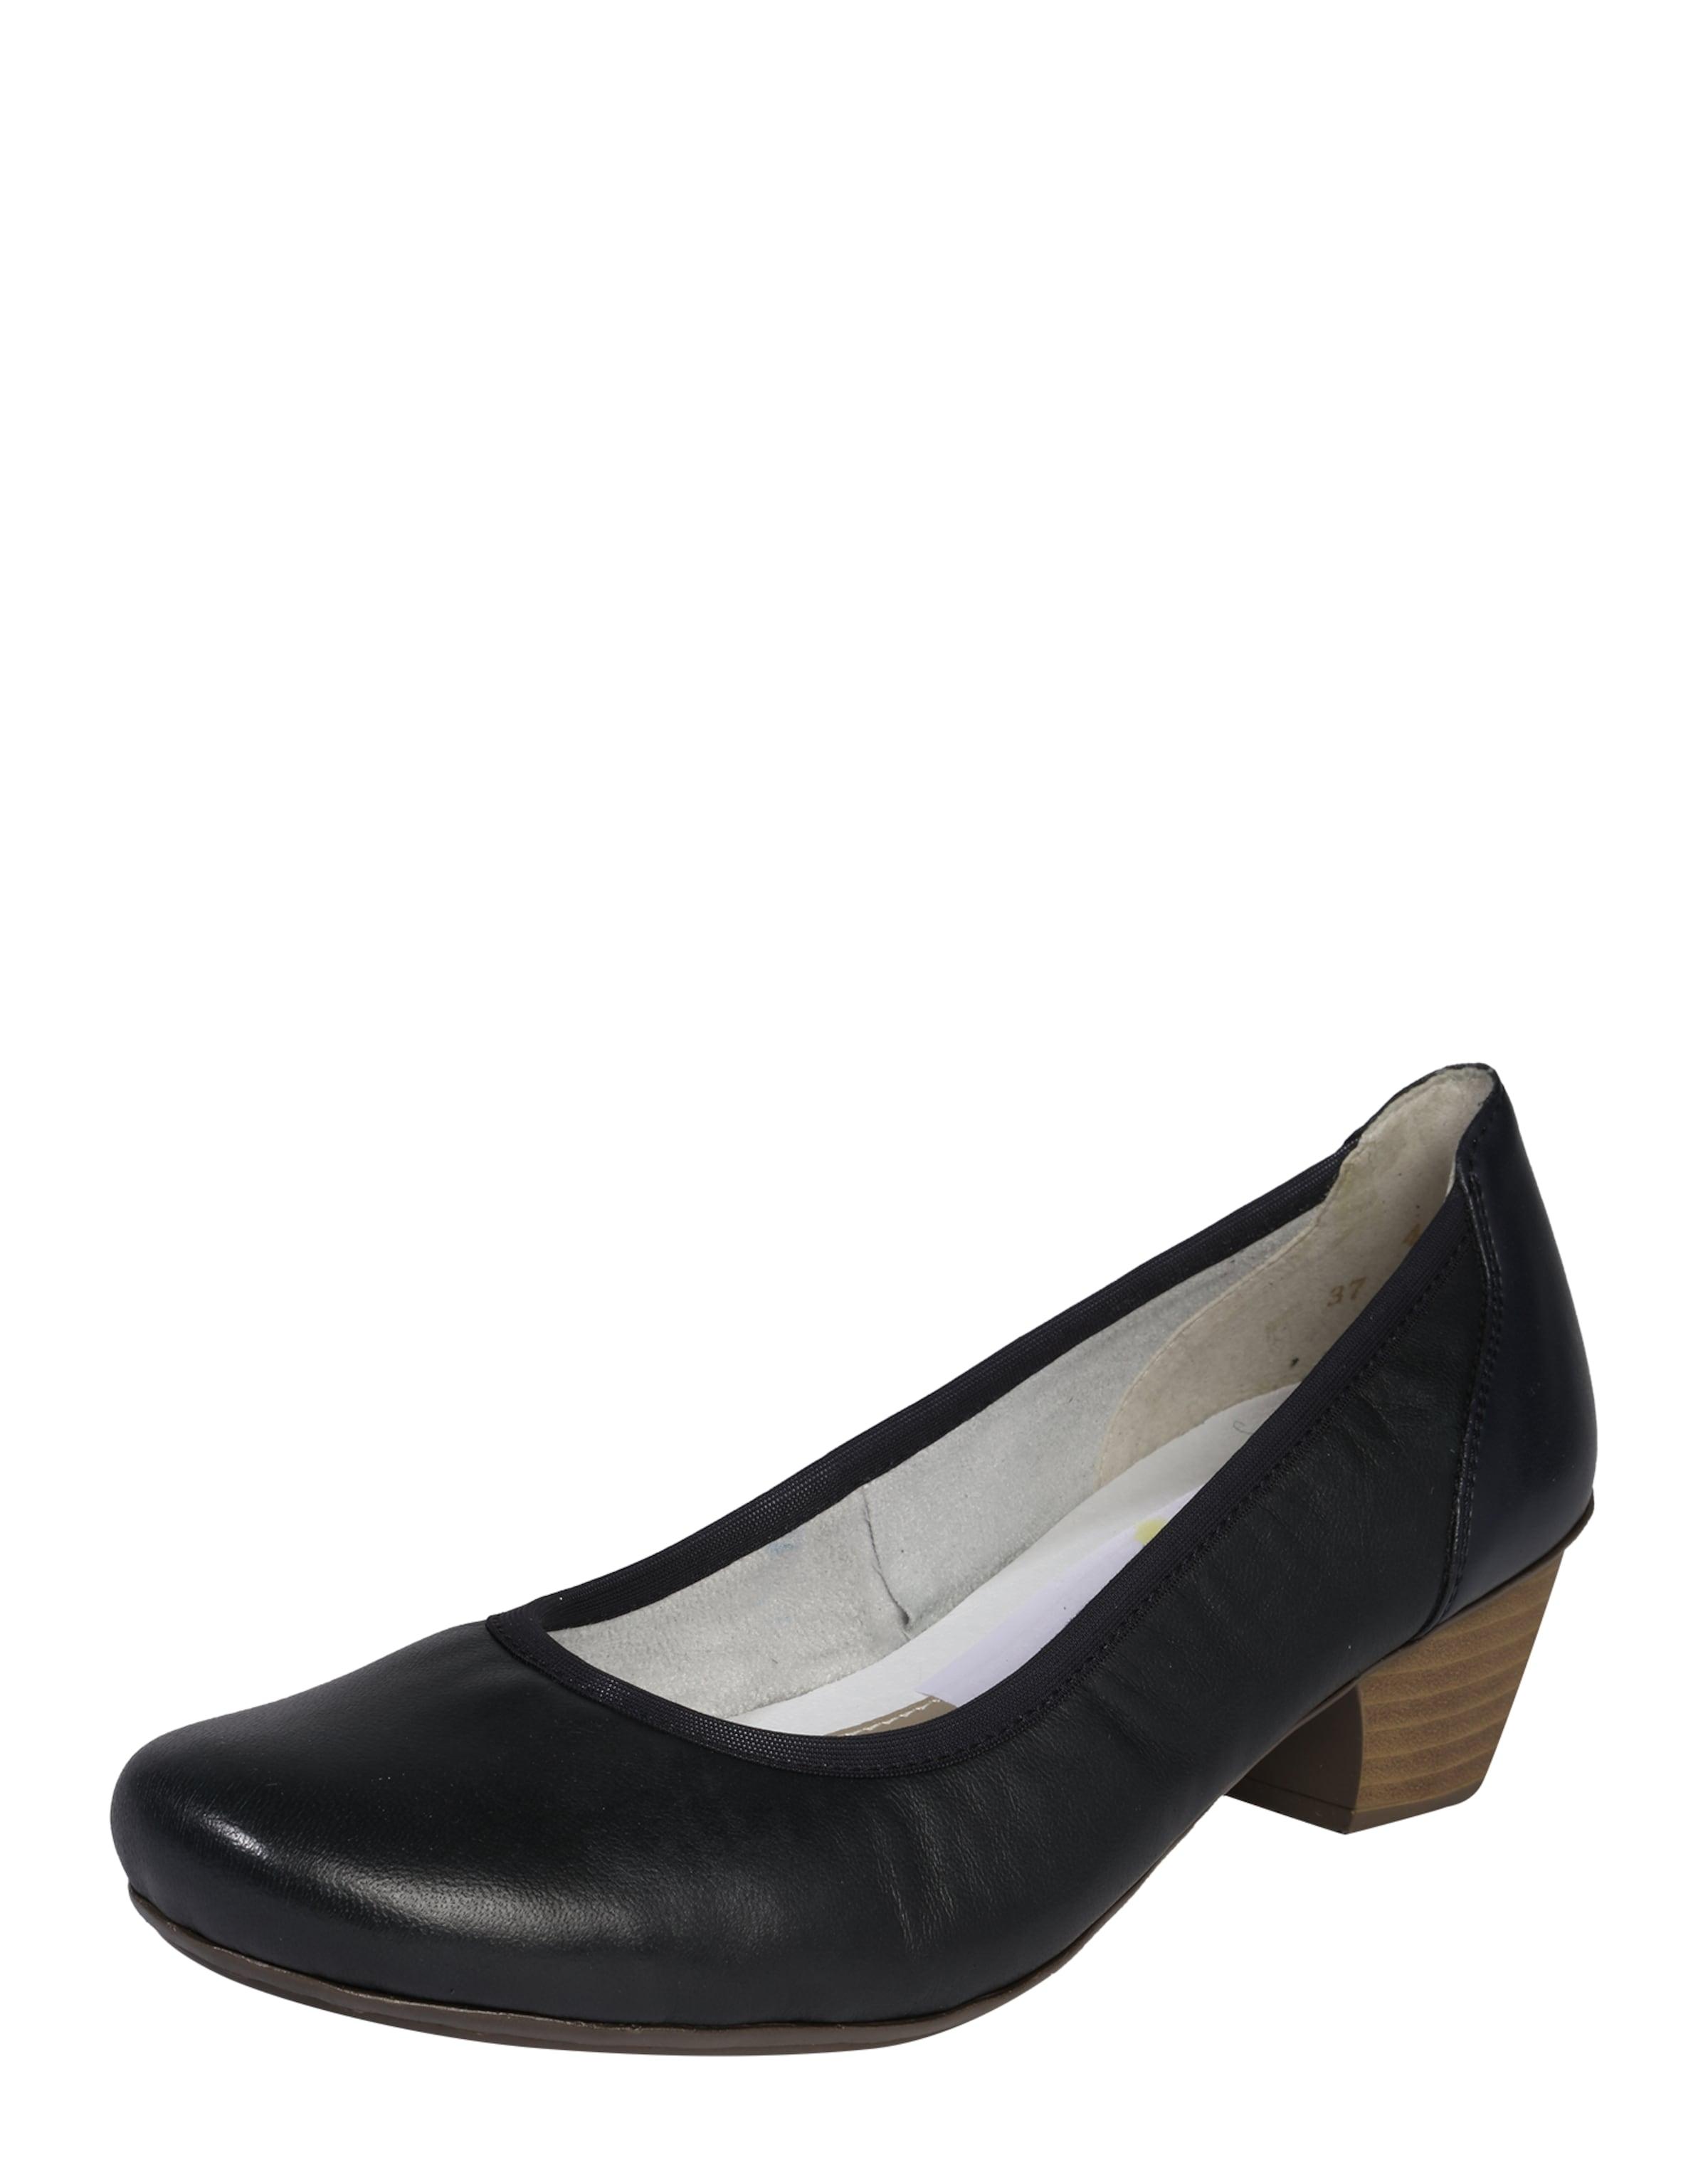 RIEKER Pumps Verschleißfeste billige Schuhe Hohe Qualität